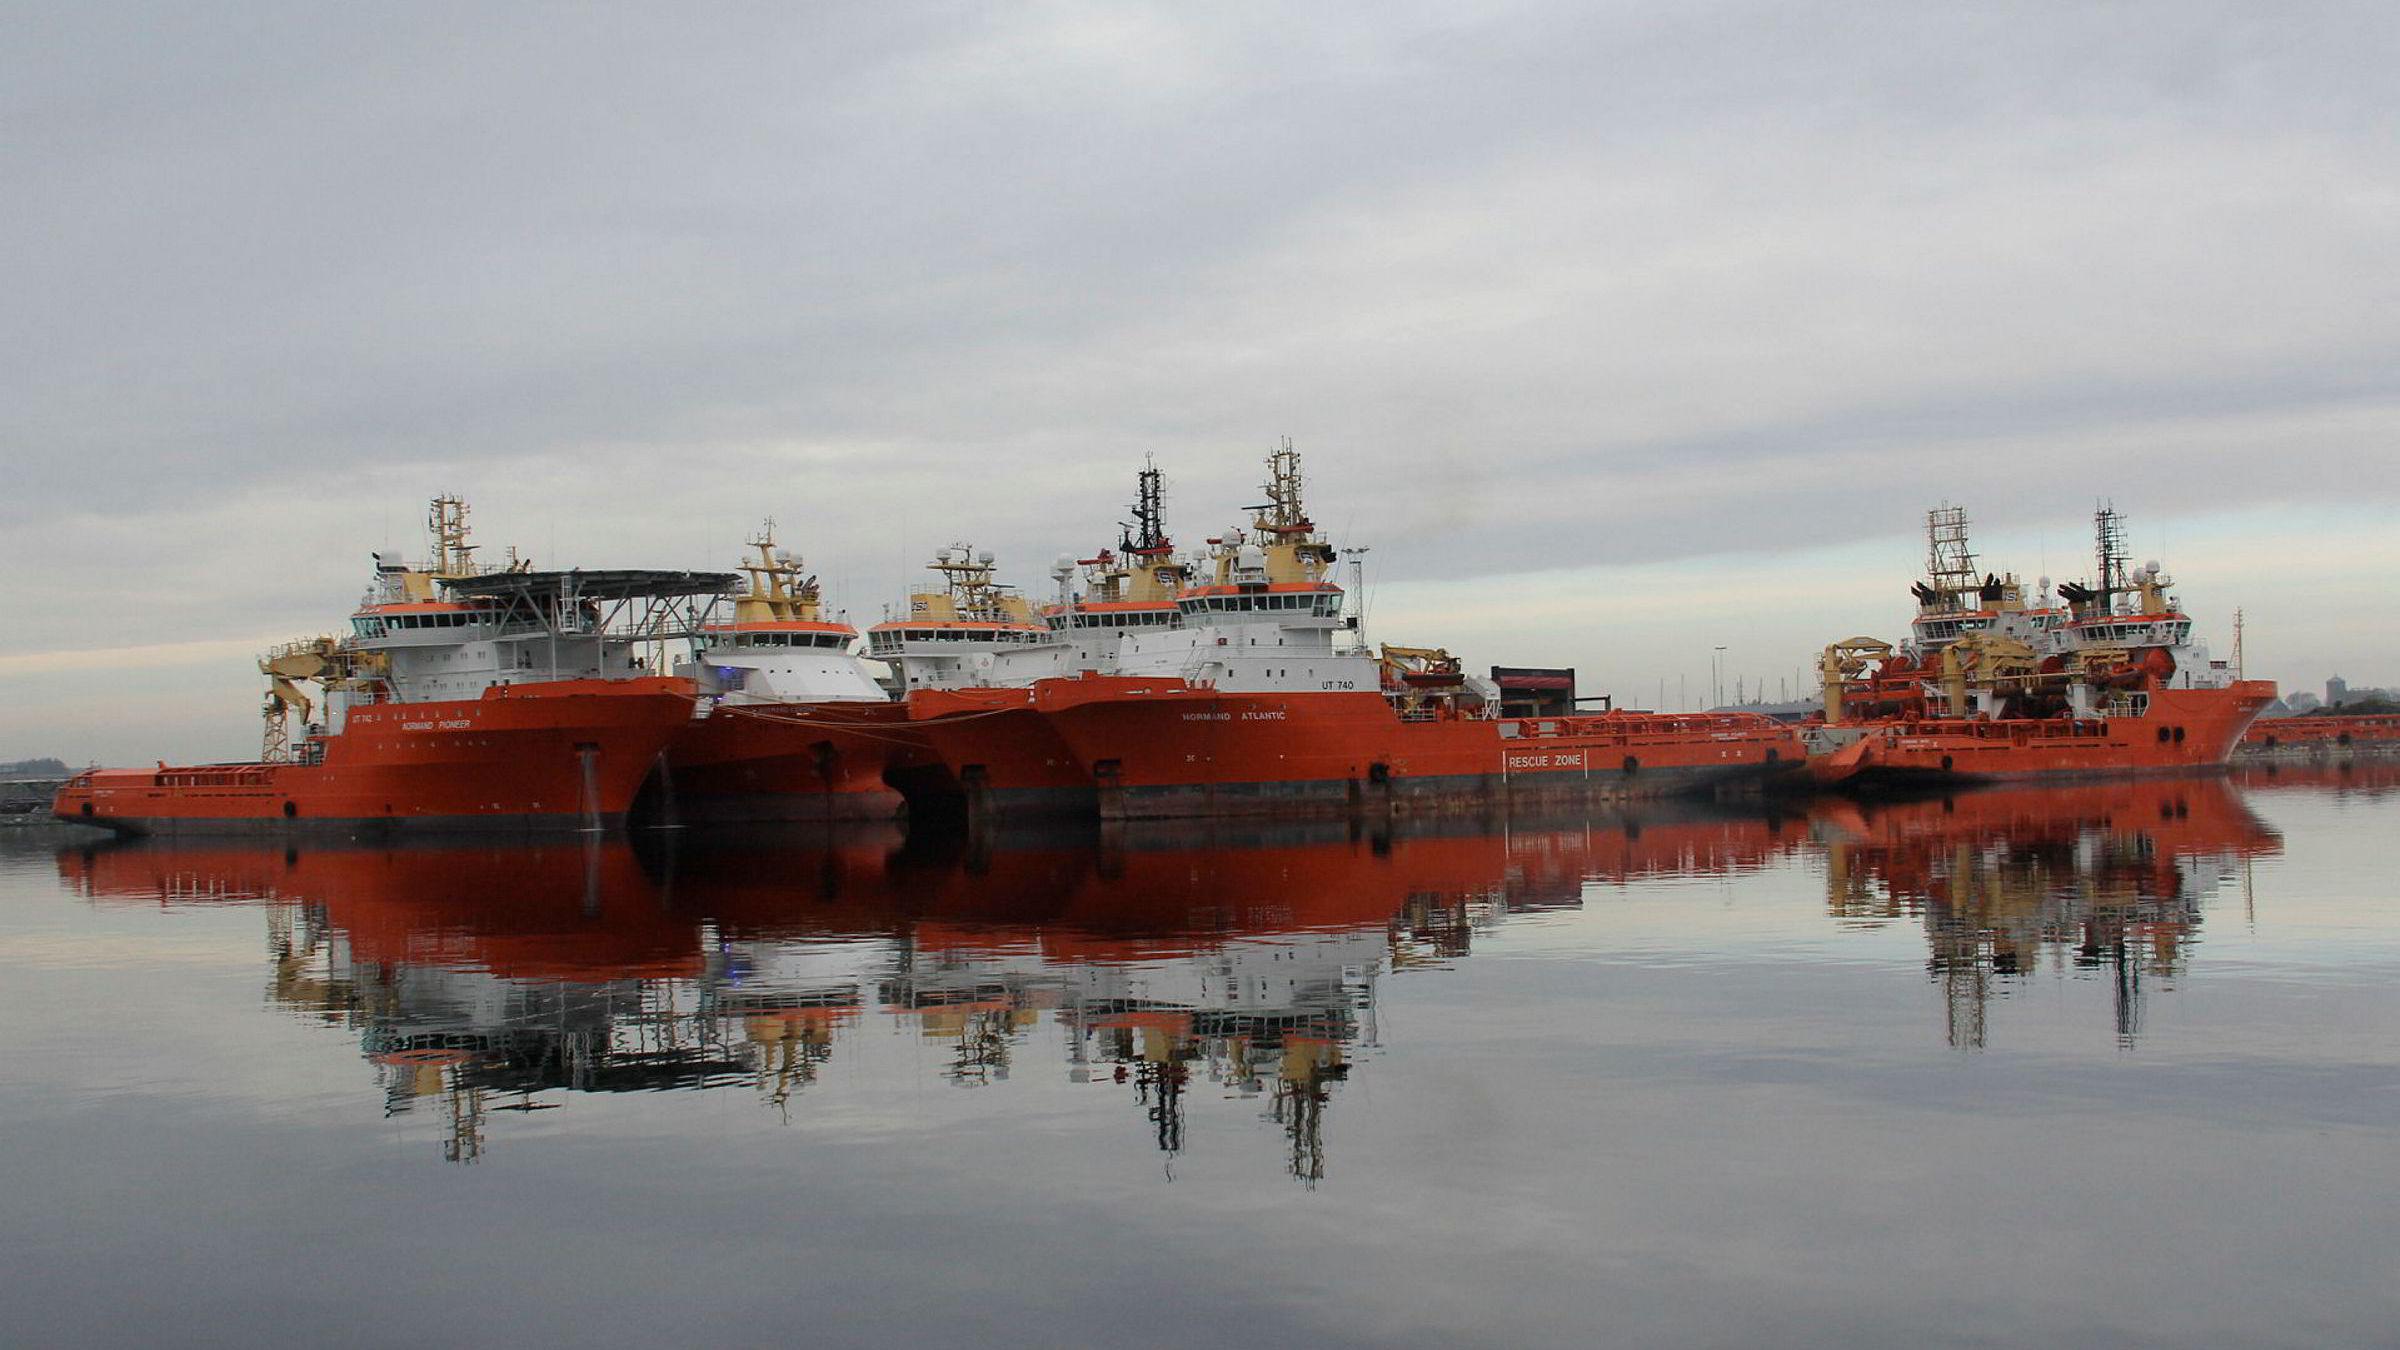 Solstad-skip lagt i opplag ved rederiets base på Husøy i Karmøy i november i fjor. Foto: Tor Inge Vormedal